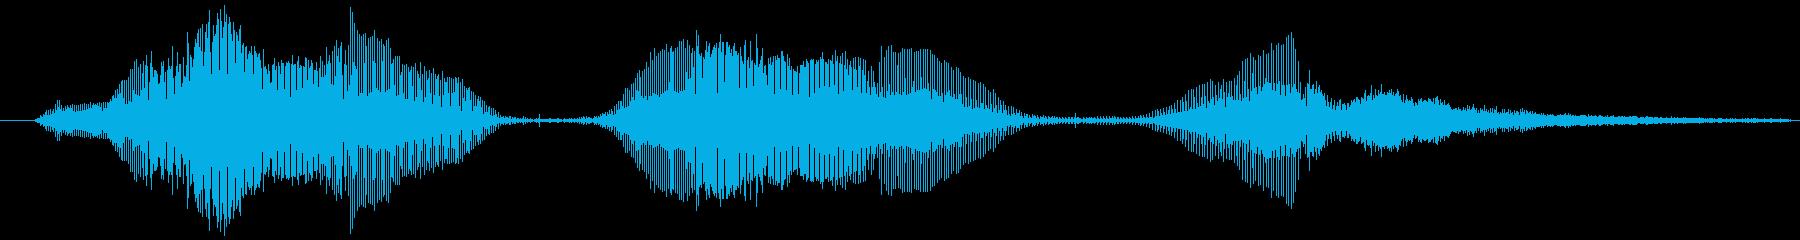 ゴブリン うめき痛い02の再生済みの波形